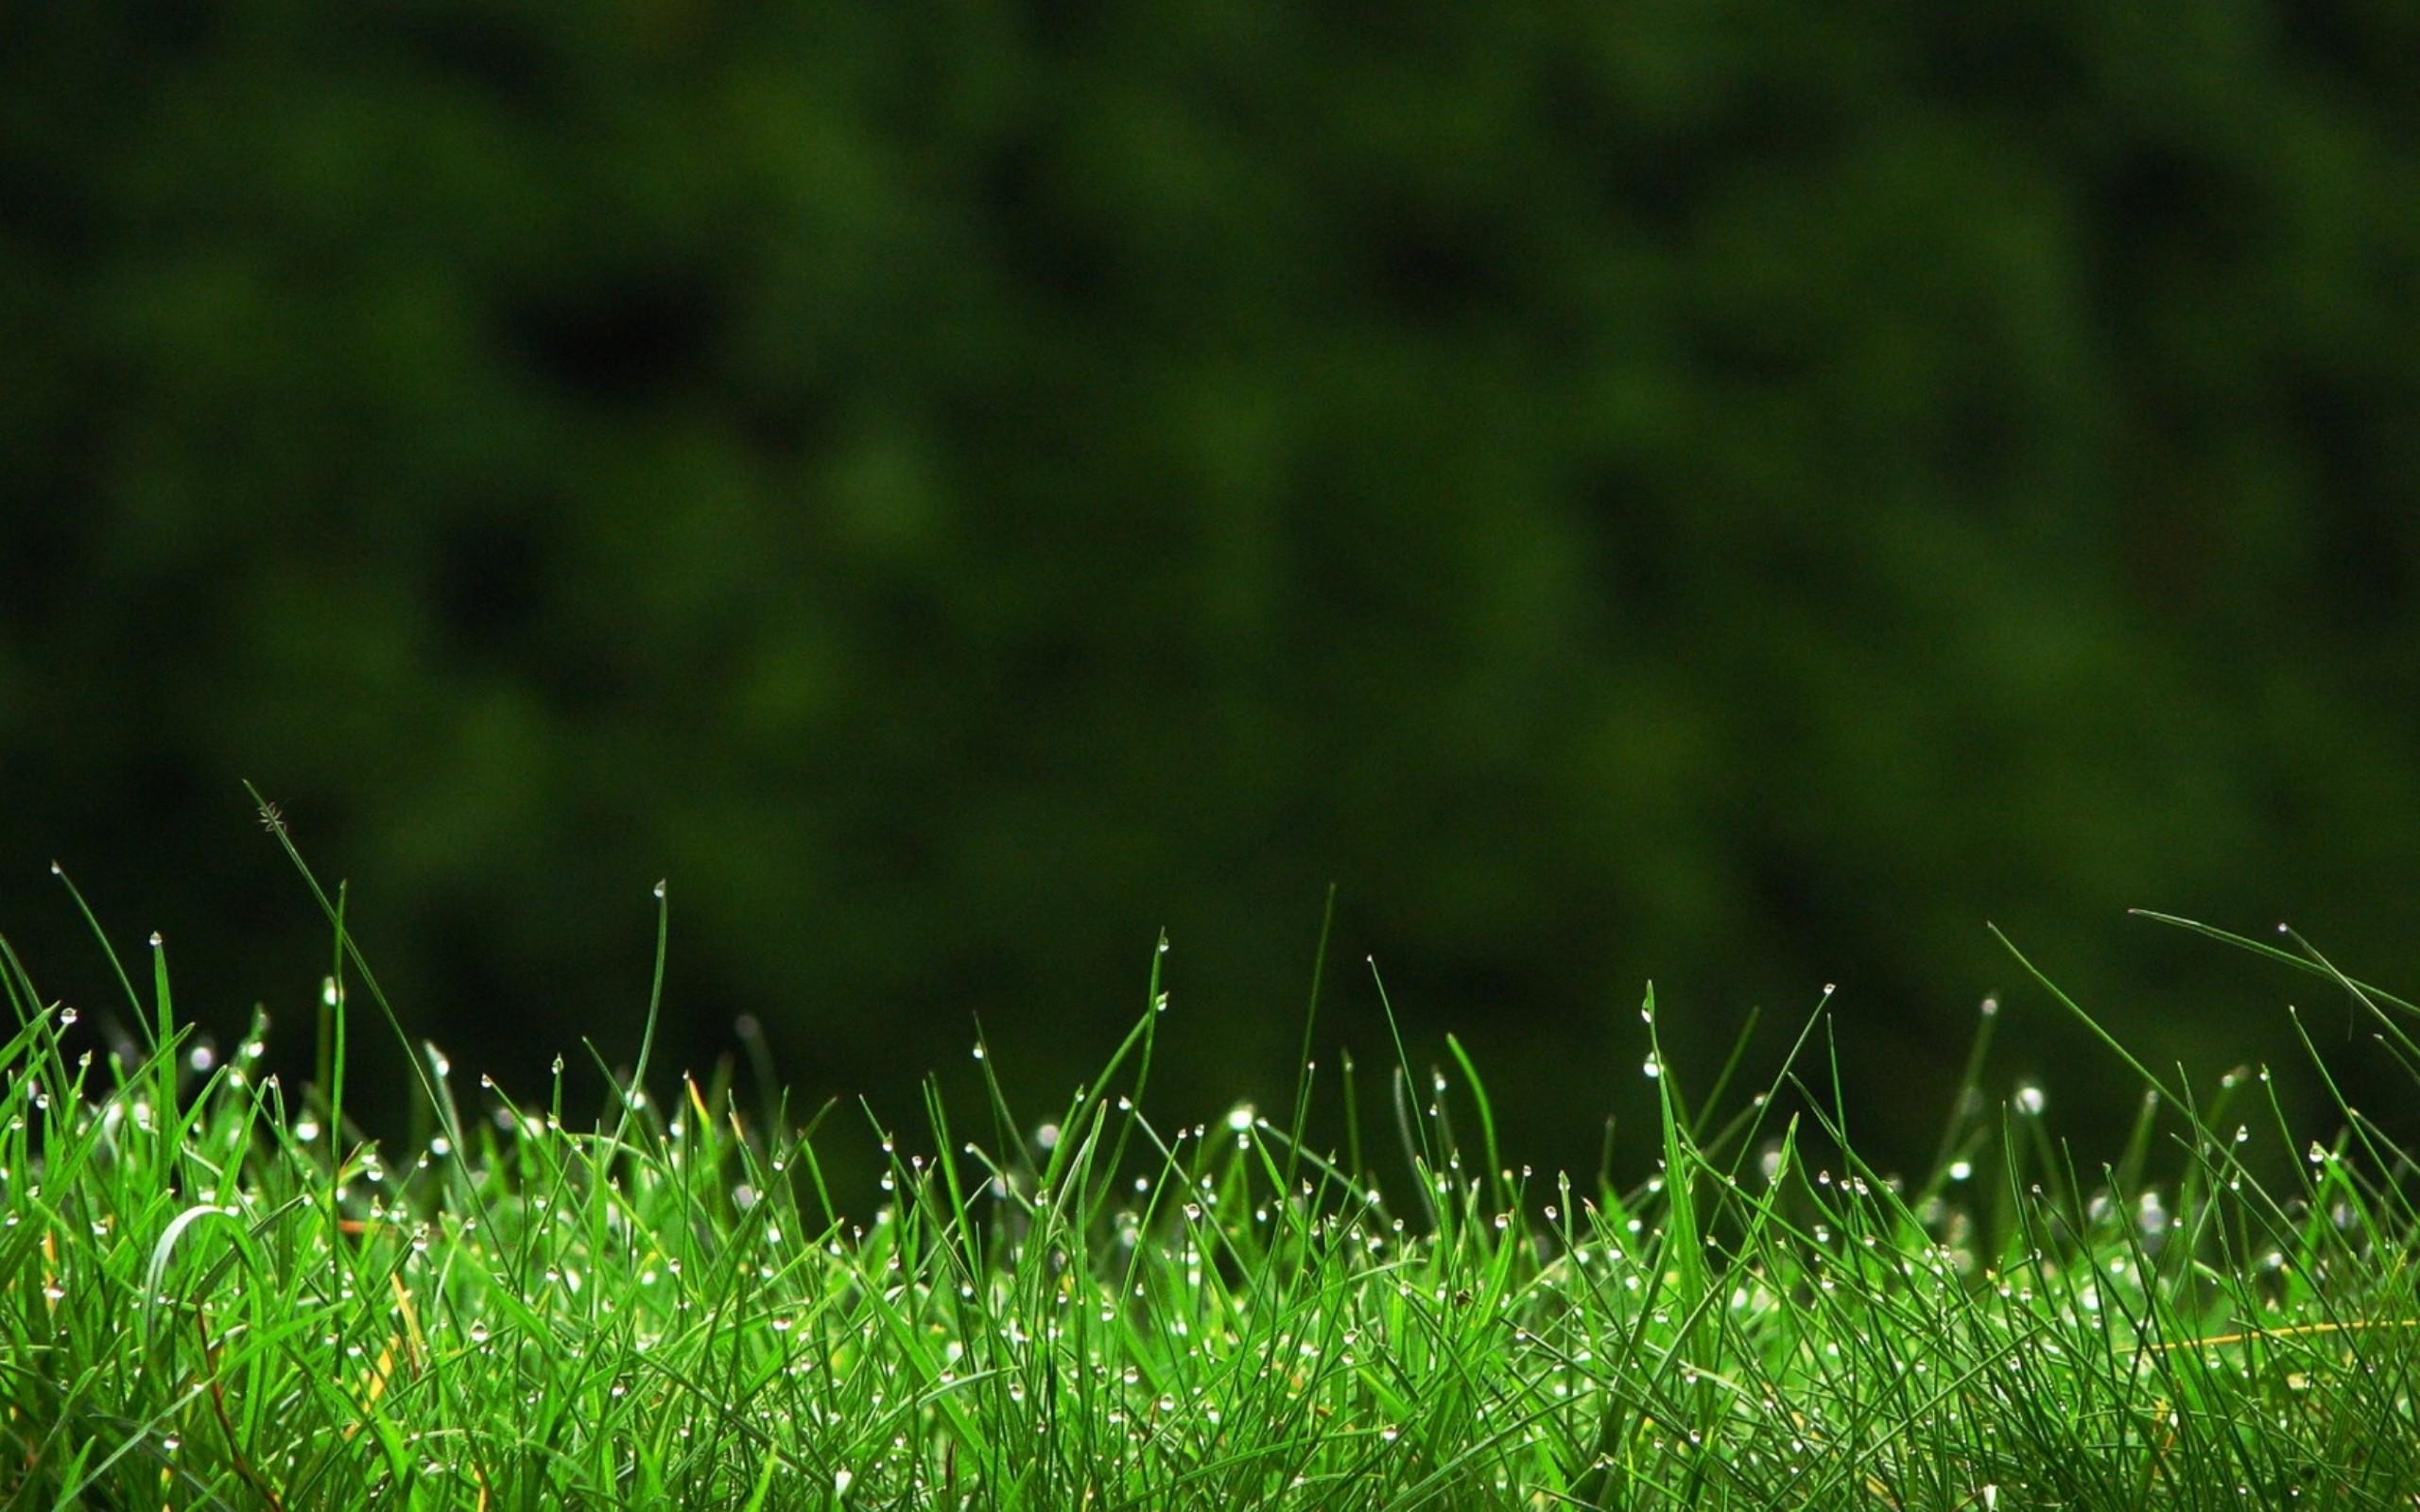 Hd Grass Wallpaper 76 Images